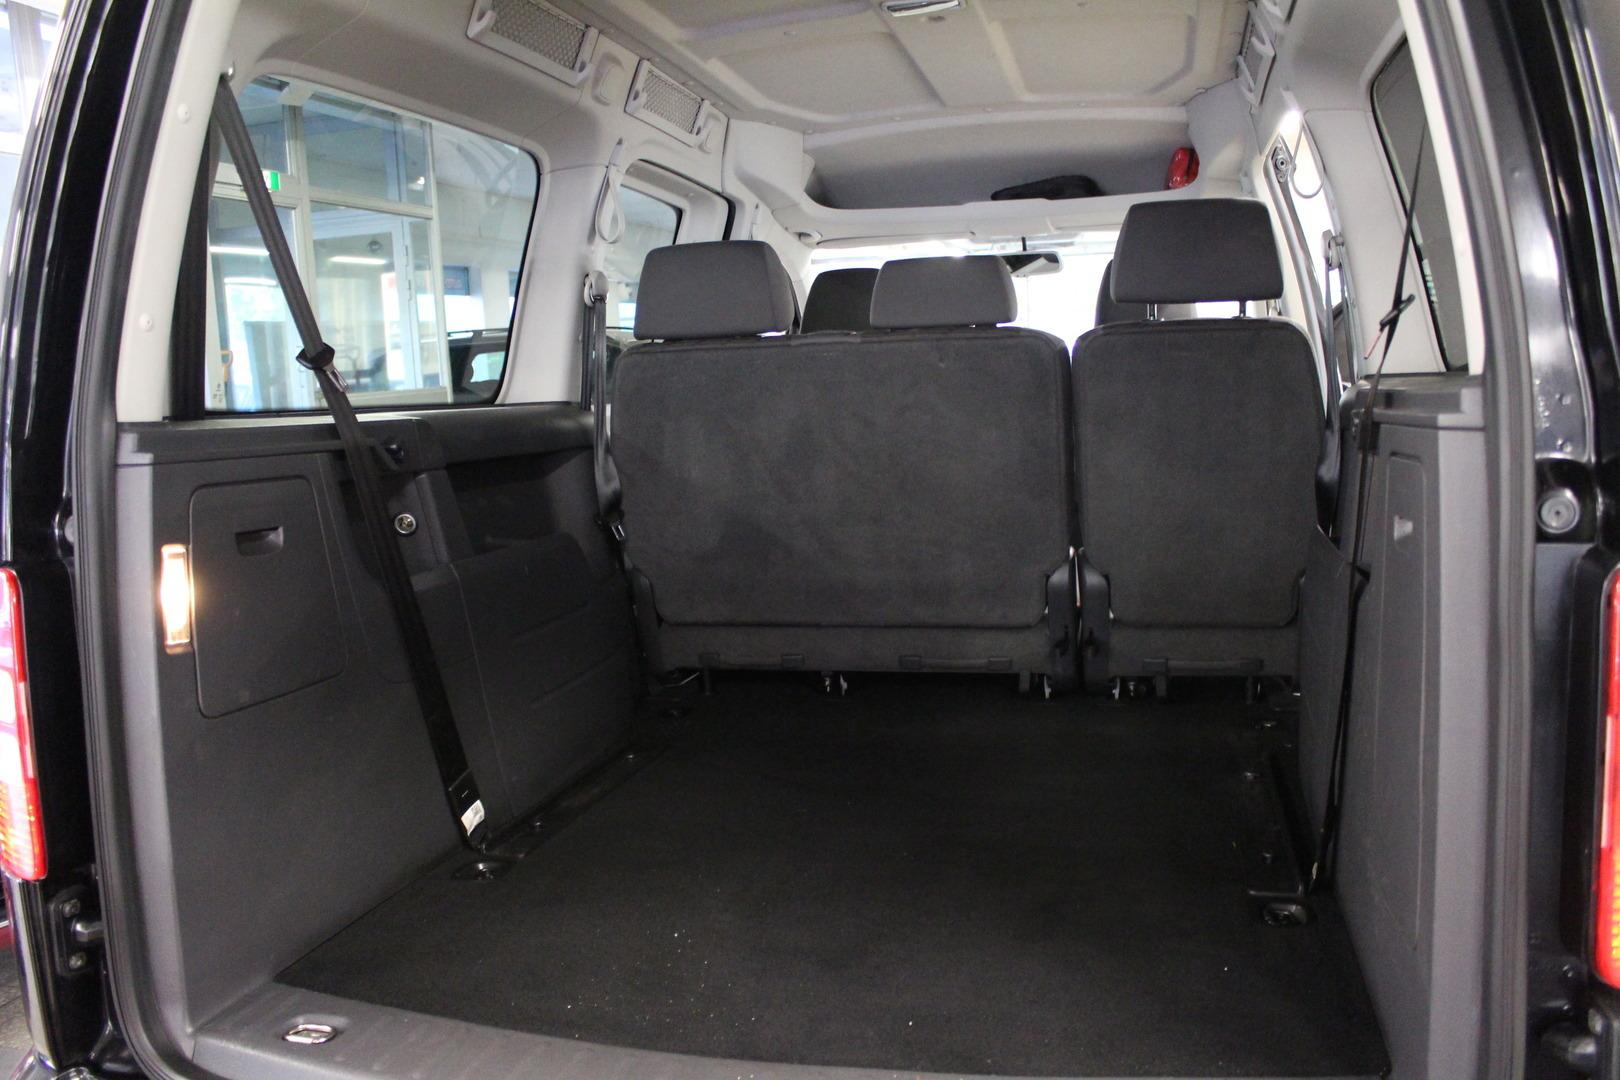 Volkswagen Caddy Maxi, Comfortline 1,6 TDI 75 kW DSG  #Tutkat #7-paikkainen #Hyvin pidetty #Webasto #Vakionopeudensäädin